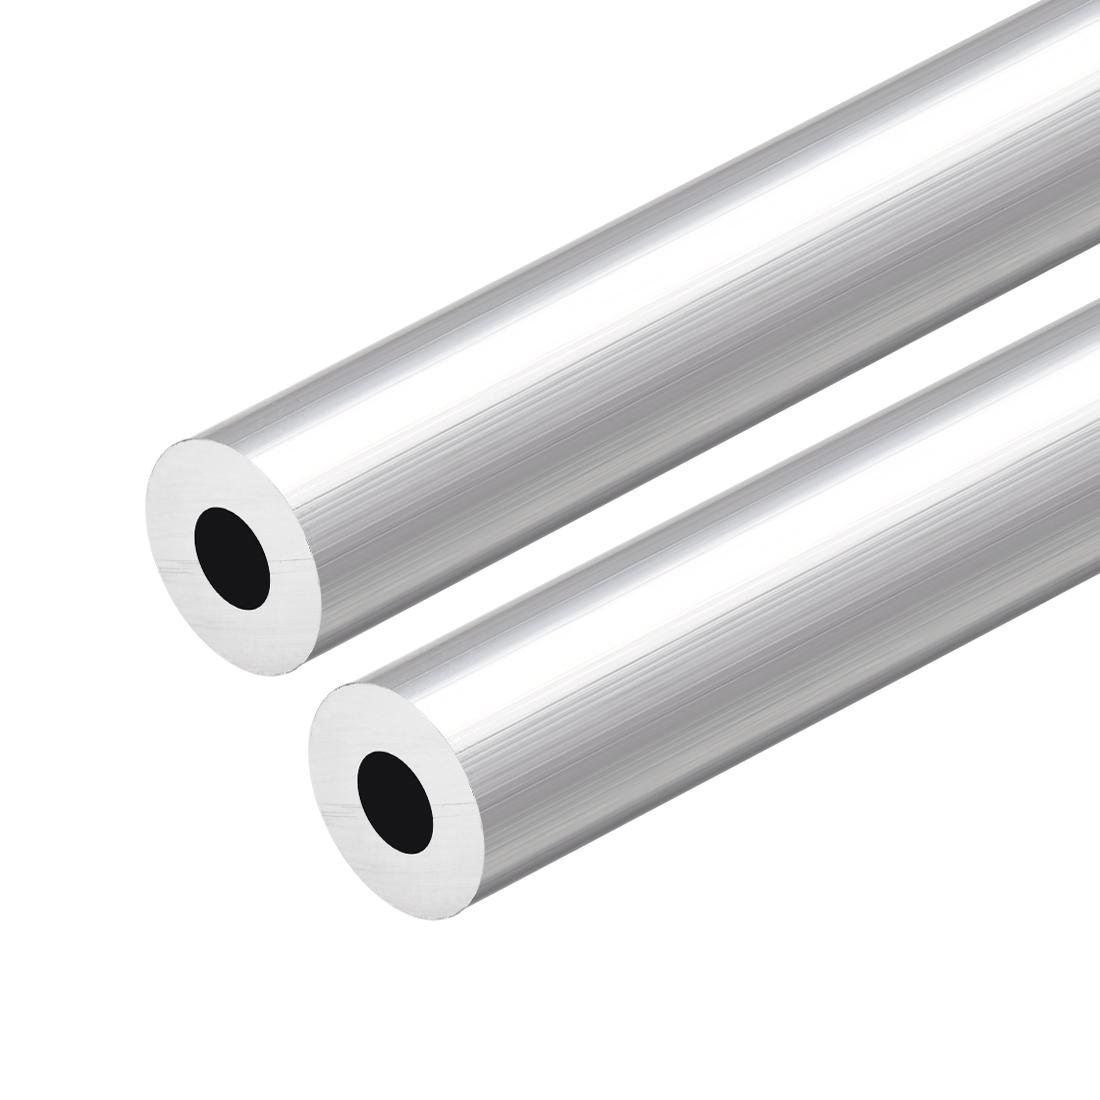 6063 Aluminum Round Tube 300mm Length 16mm OD 7mm Inner Dia Seamless Tubing 2pcs